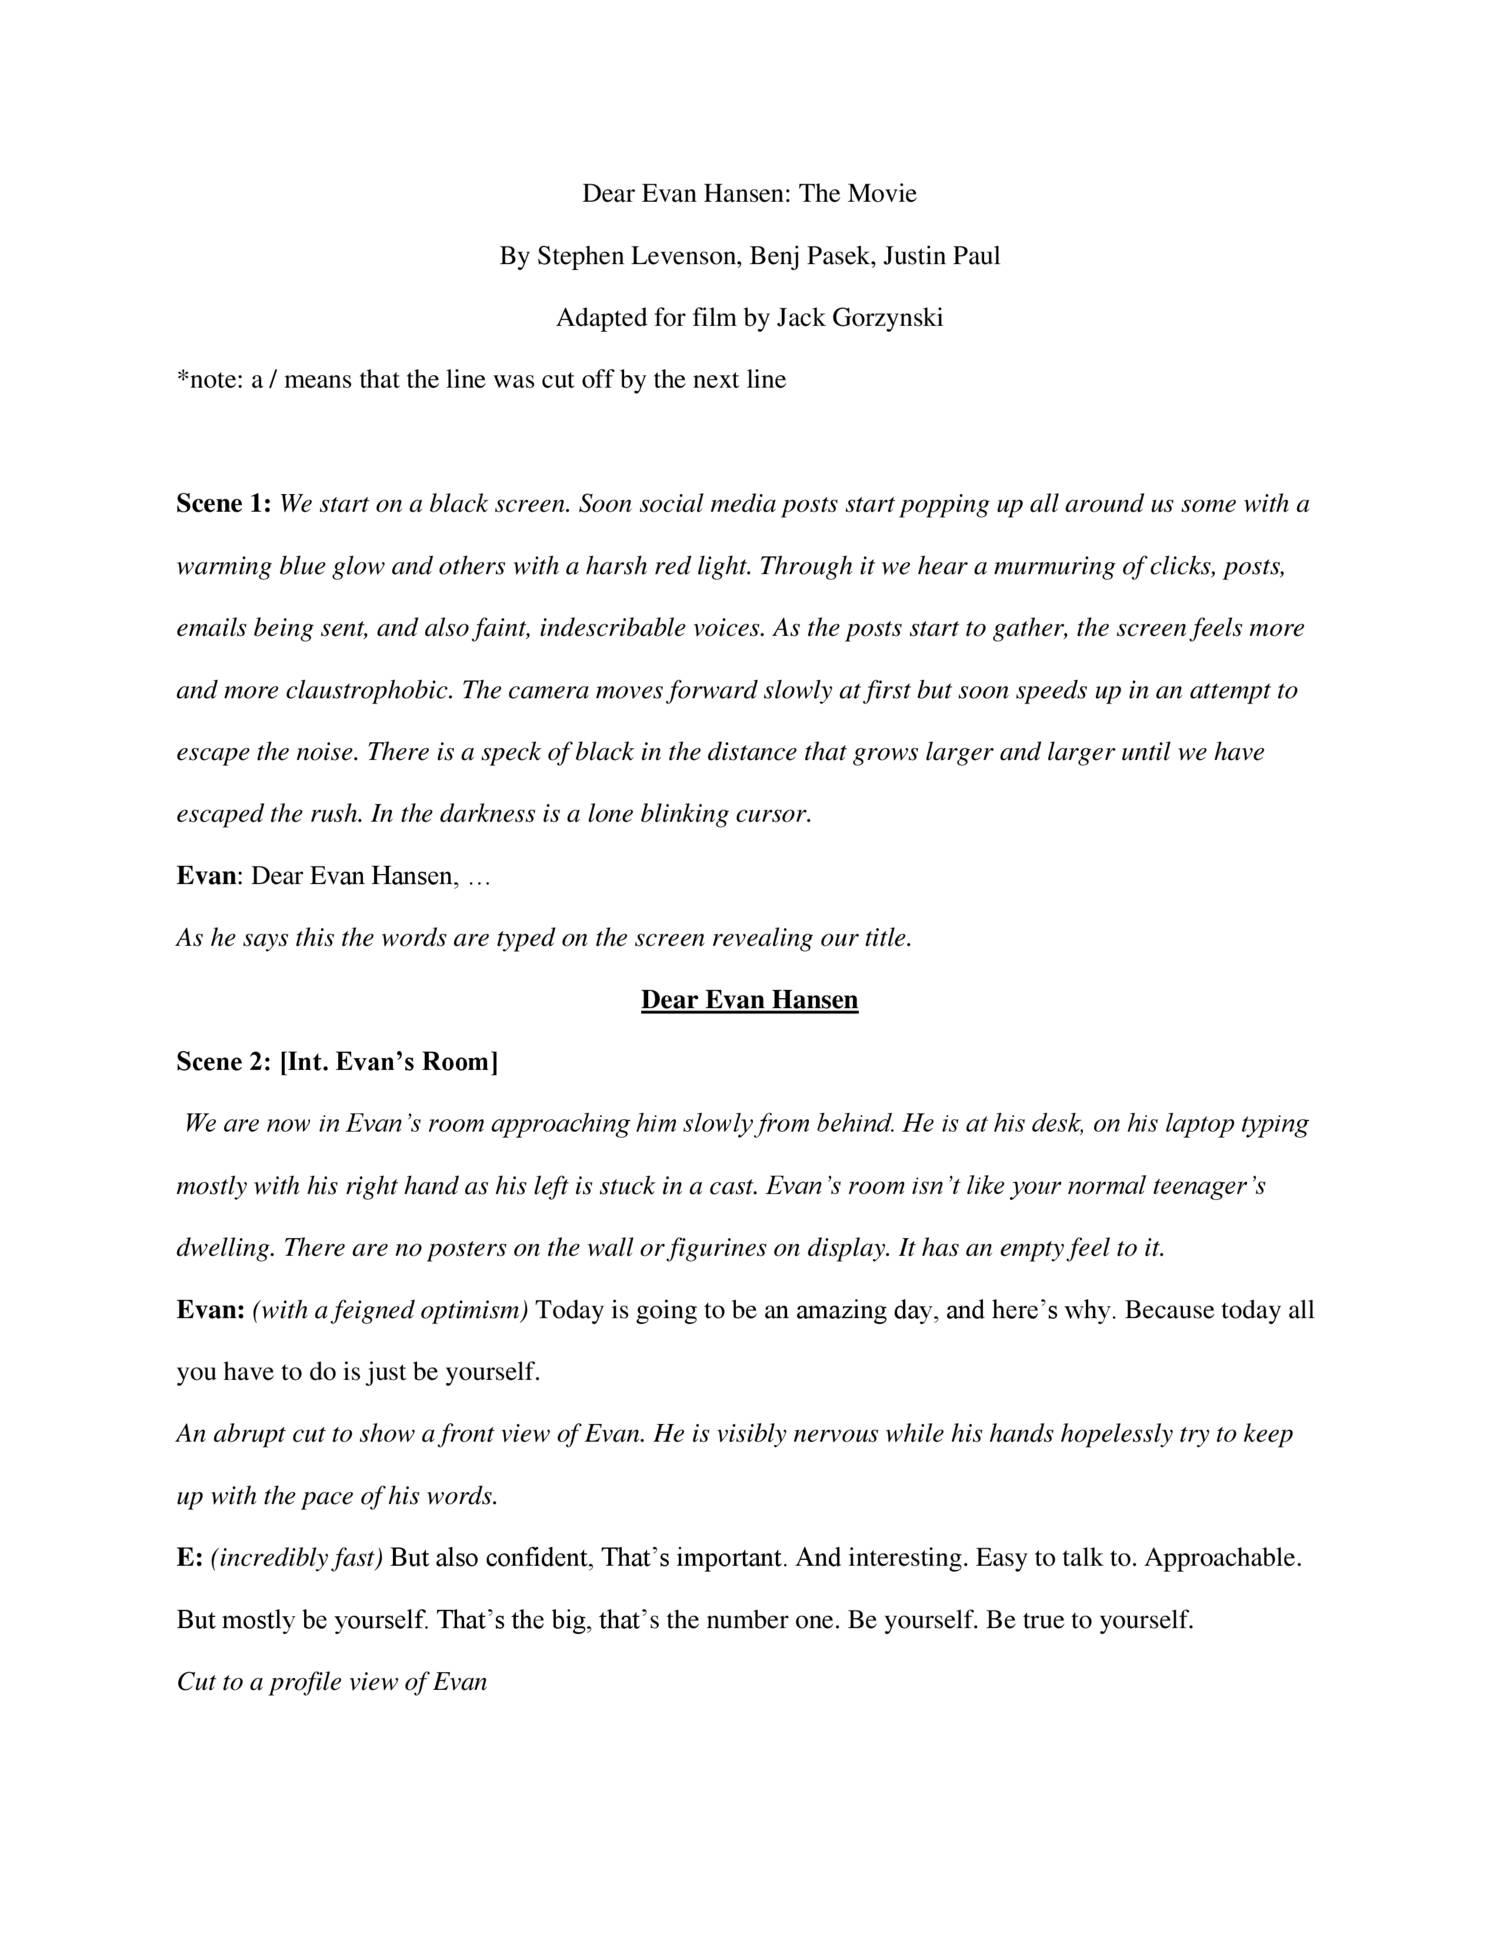 Dear Evan Hansen Movie Script docx | DocDroid